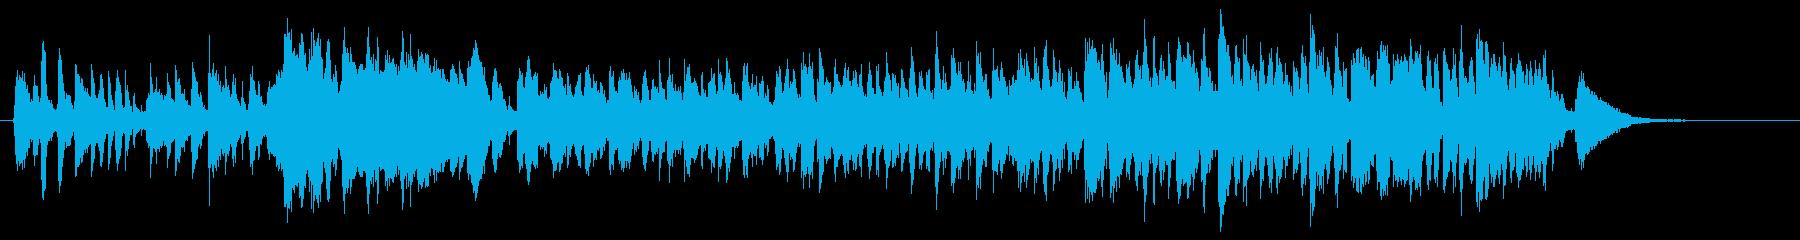 ほのぼのしたアコースティックな楽曲の再生済みの波形